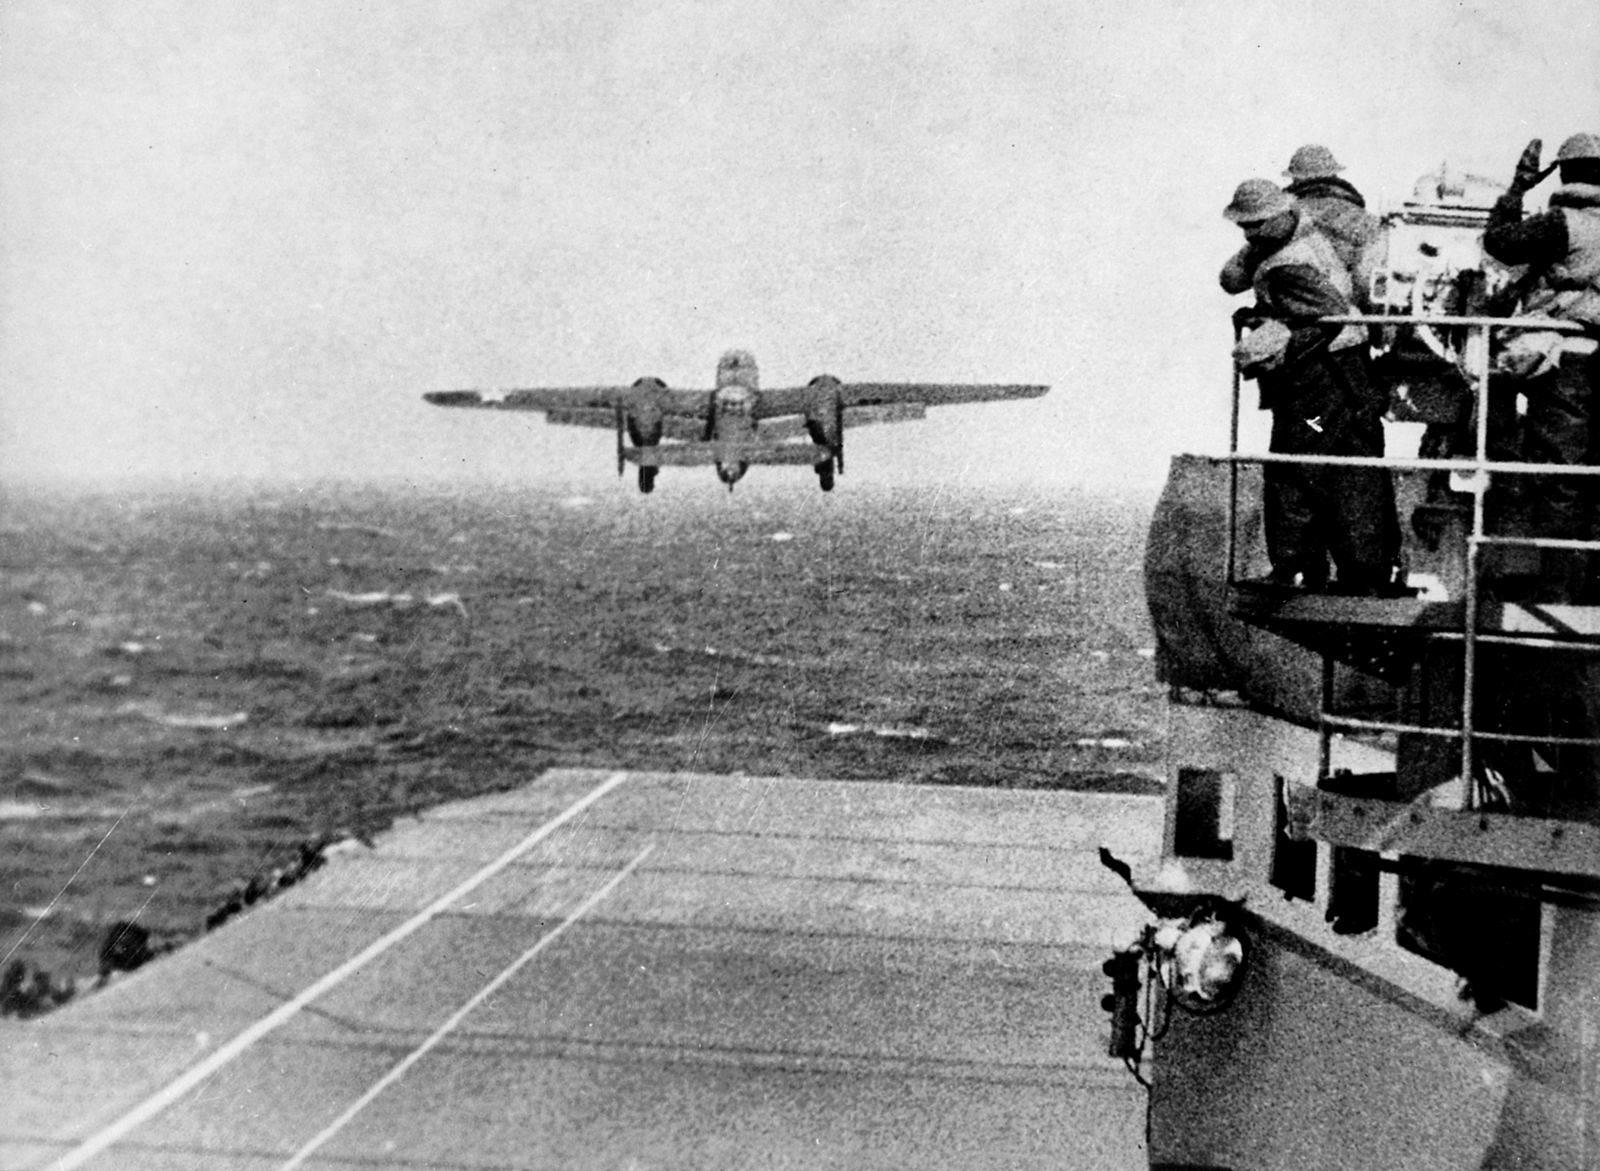 Army B 25 (Doolittle Raid) - Un B-25 Mitchell s'envole du pont de l'USS Hornet pendant le Raid Doolittle, le 18 avril 1942